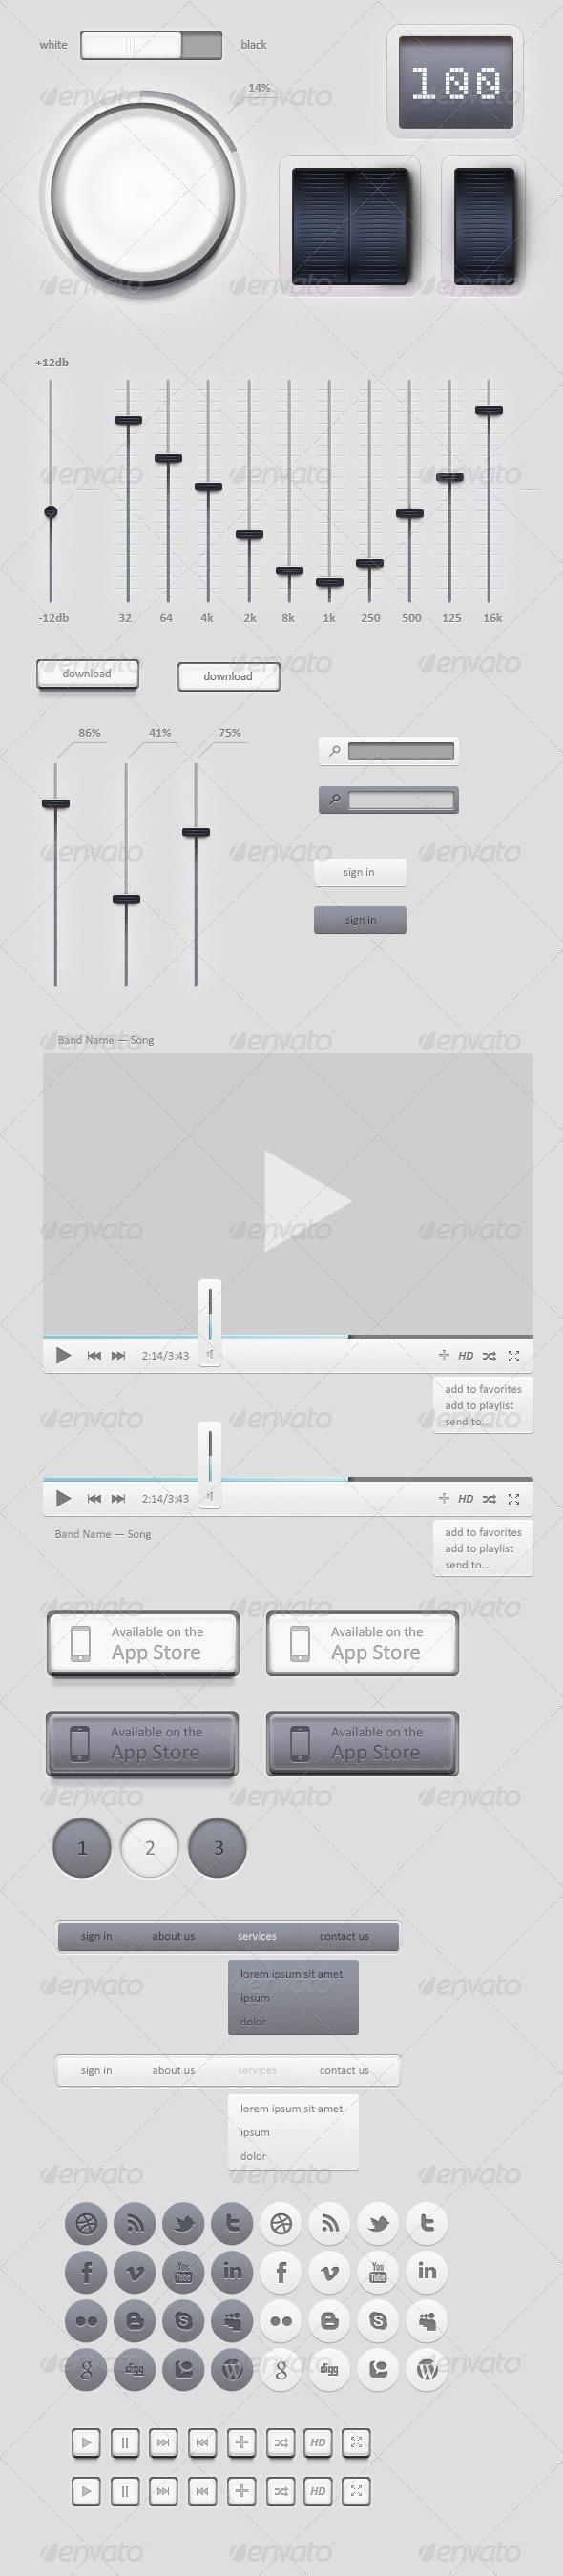 Light Music/Video GUI Set